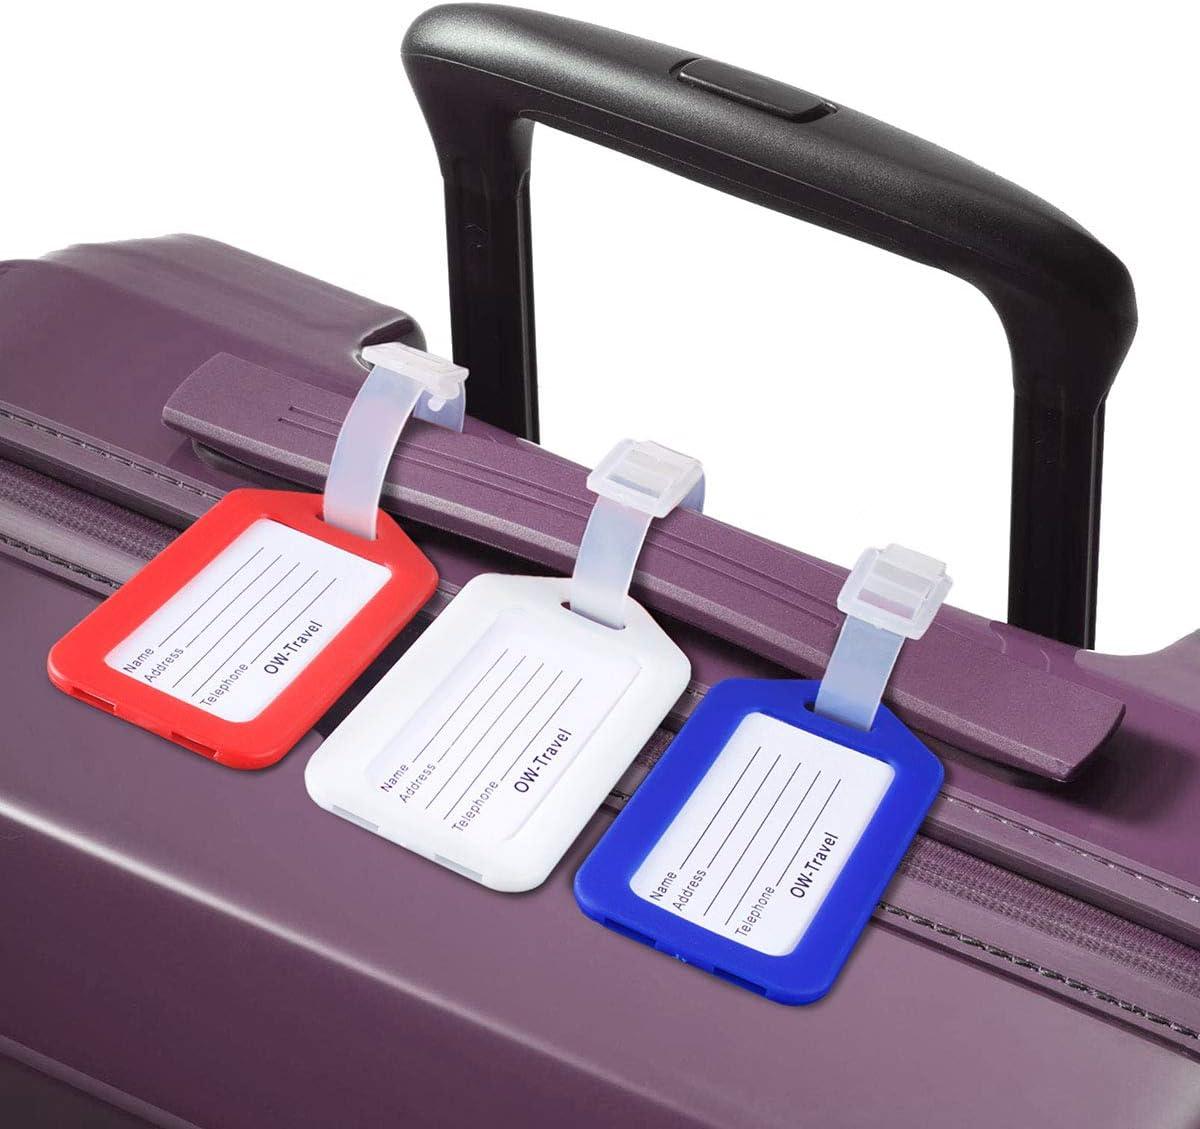 Casier Rangement Code /à 3 Chiffres ANTIVOL Titan pour Bagages Accessoire Voyage Avion: Verrou TSA a Combinaison 1 Pc Noir Cadenas TSA pour Valise Armoire Serrure TSA Lock USA Locker